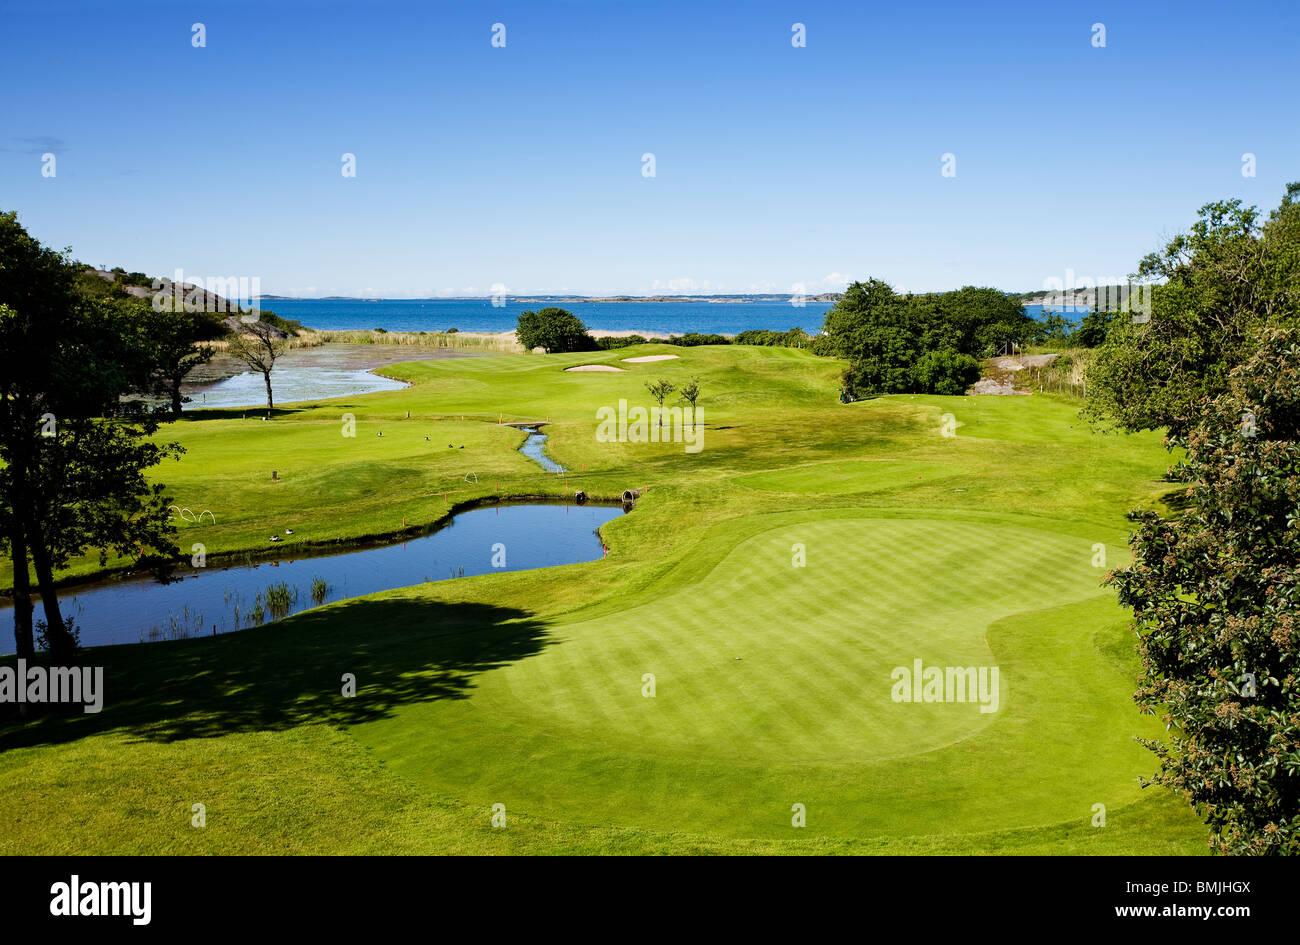 Golfplatz im Sonnenlicht Stockbild